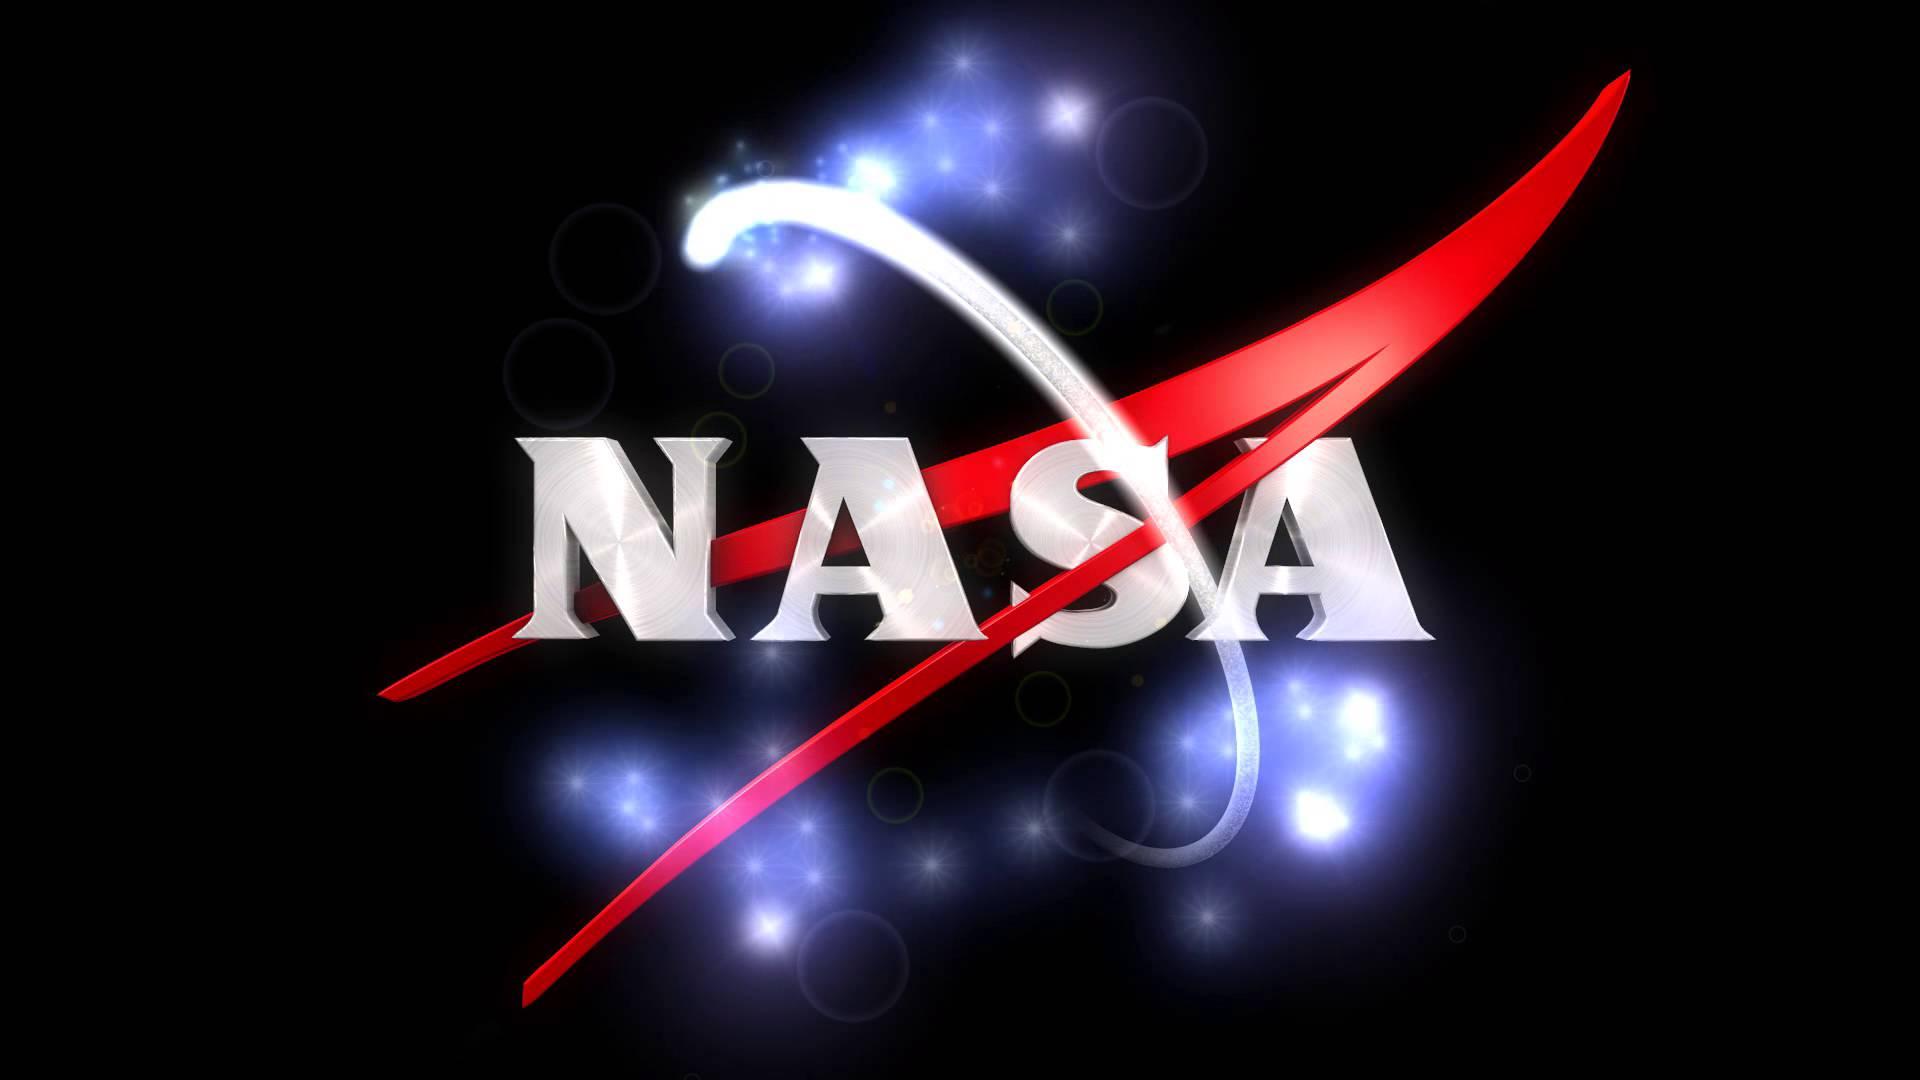 Nasa Logo Wallpaper Nasa Logo Remake 1920x1080